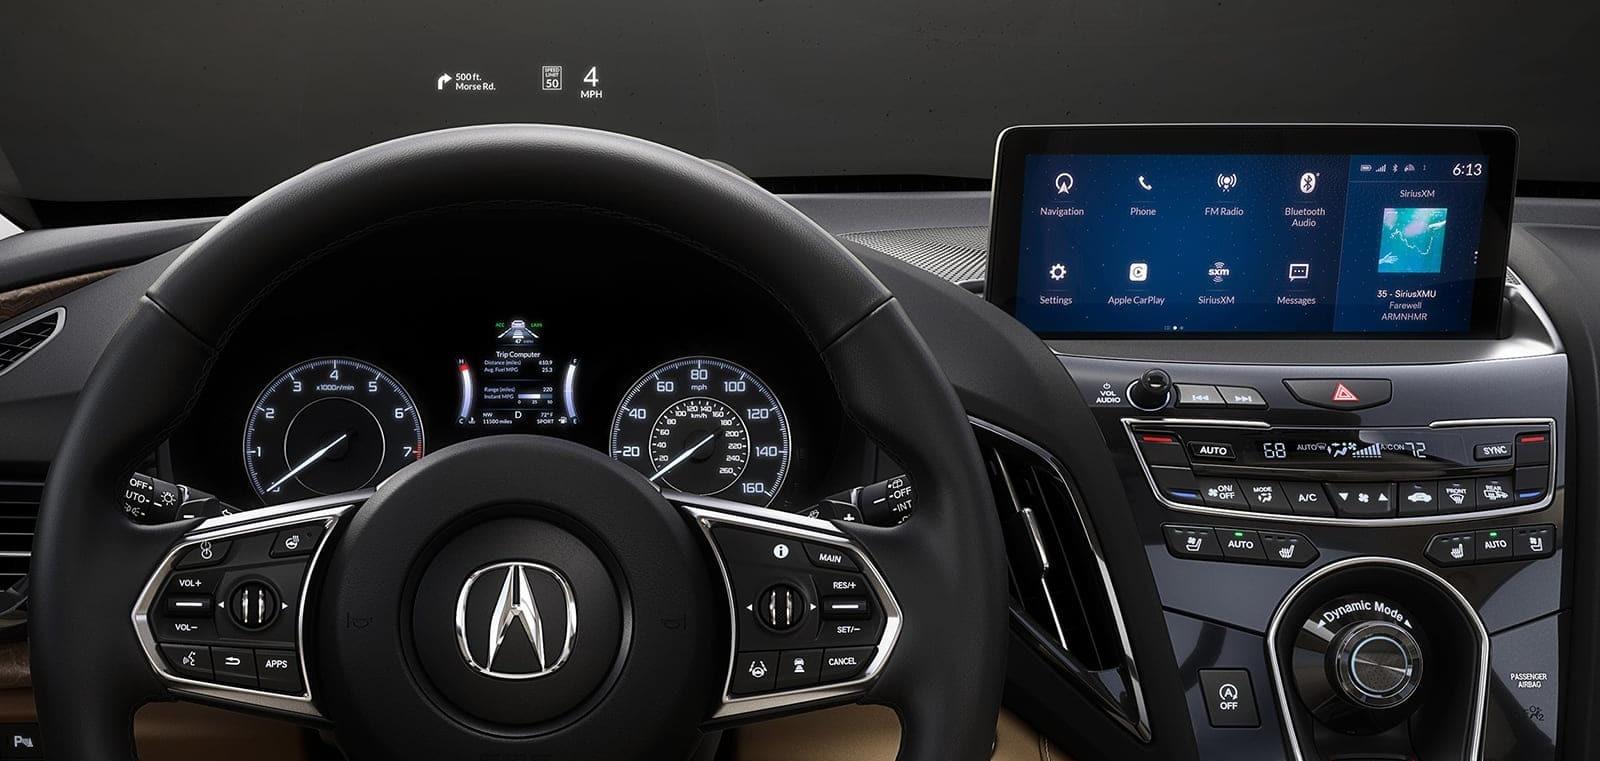 Advanced Tech in the 2020 Acura RDX